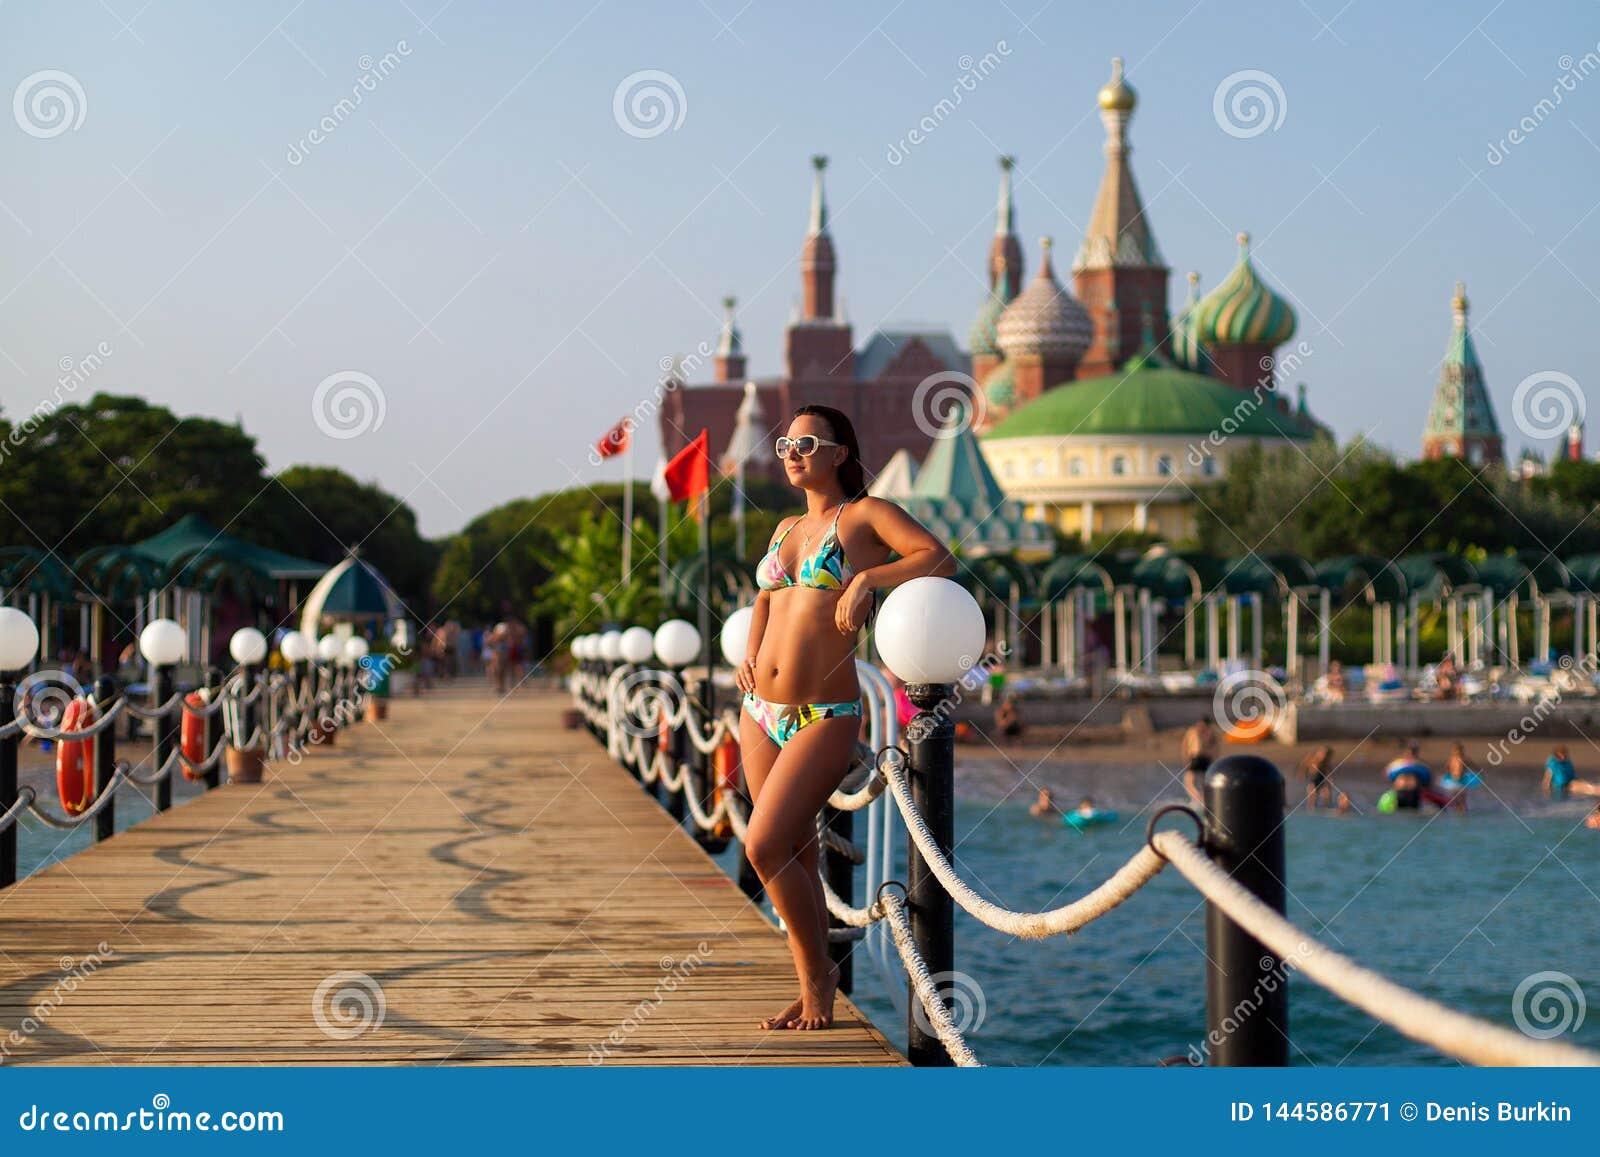 Meisje in een zwempak op de pijler op de achtergrond van het hotel meisje het stellen op de houten pijler op het strand, tegen de